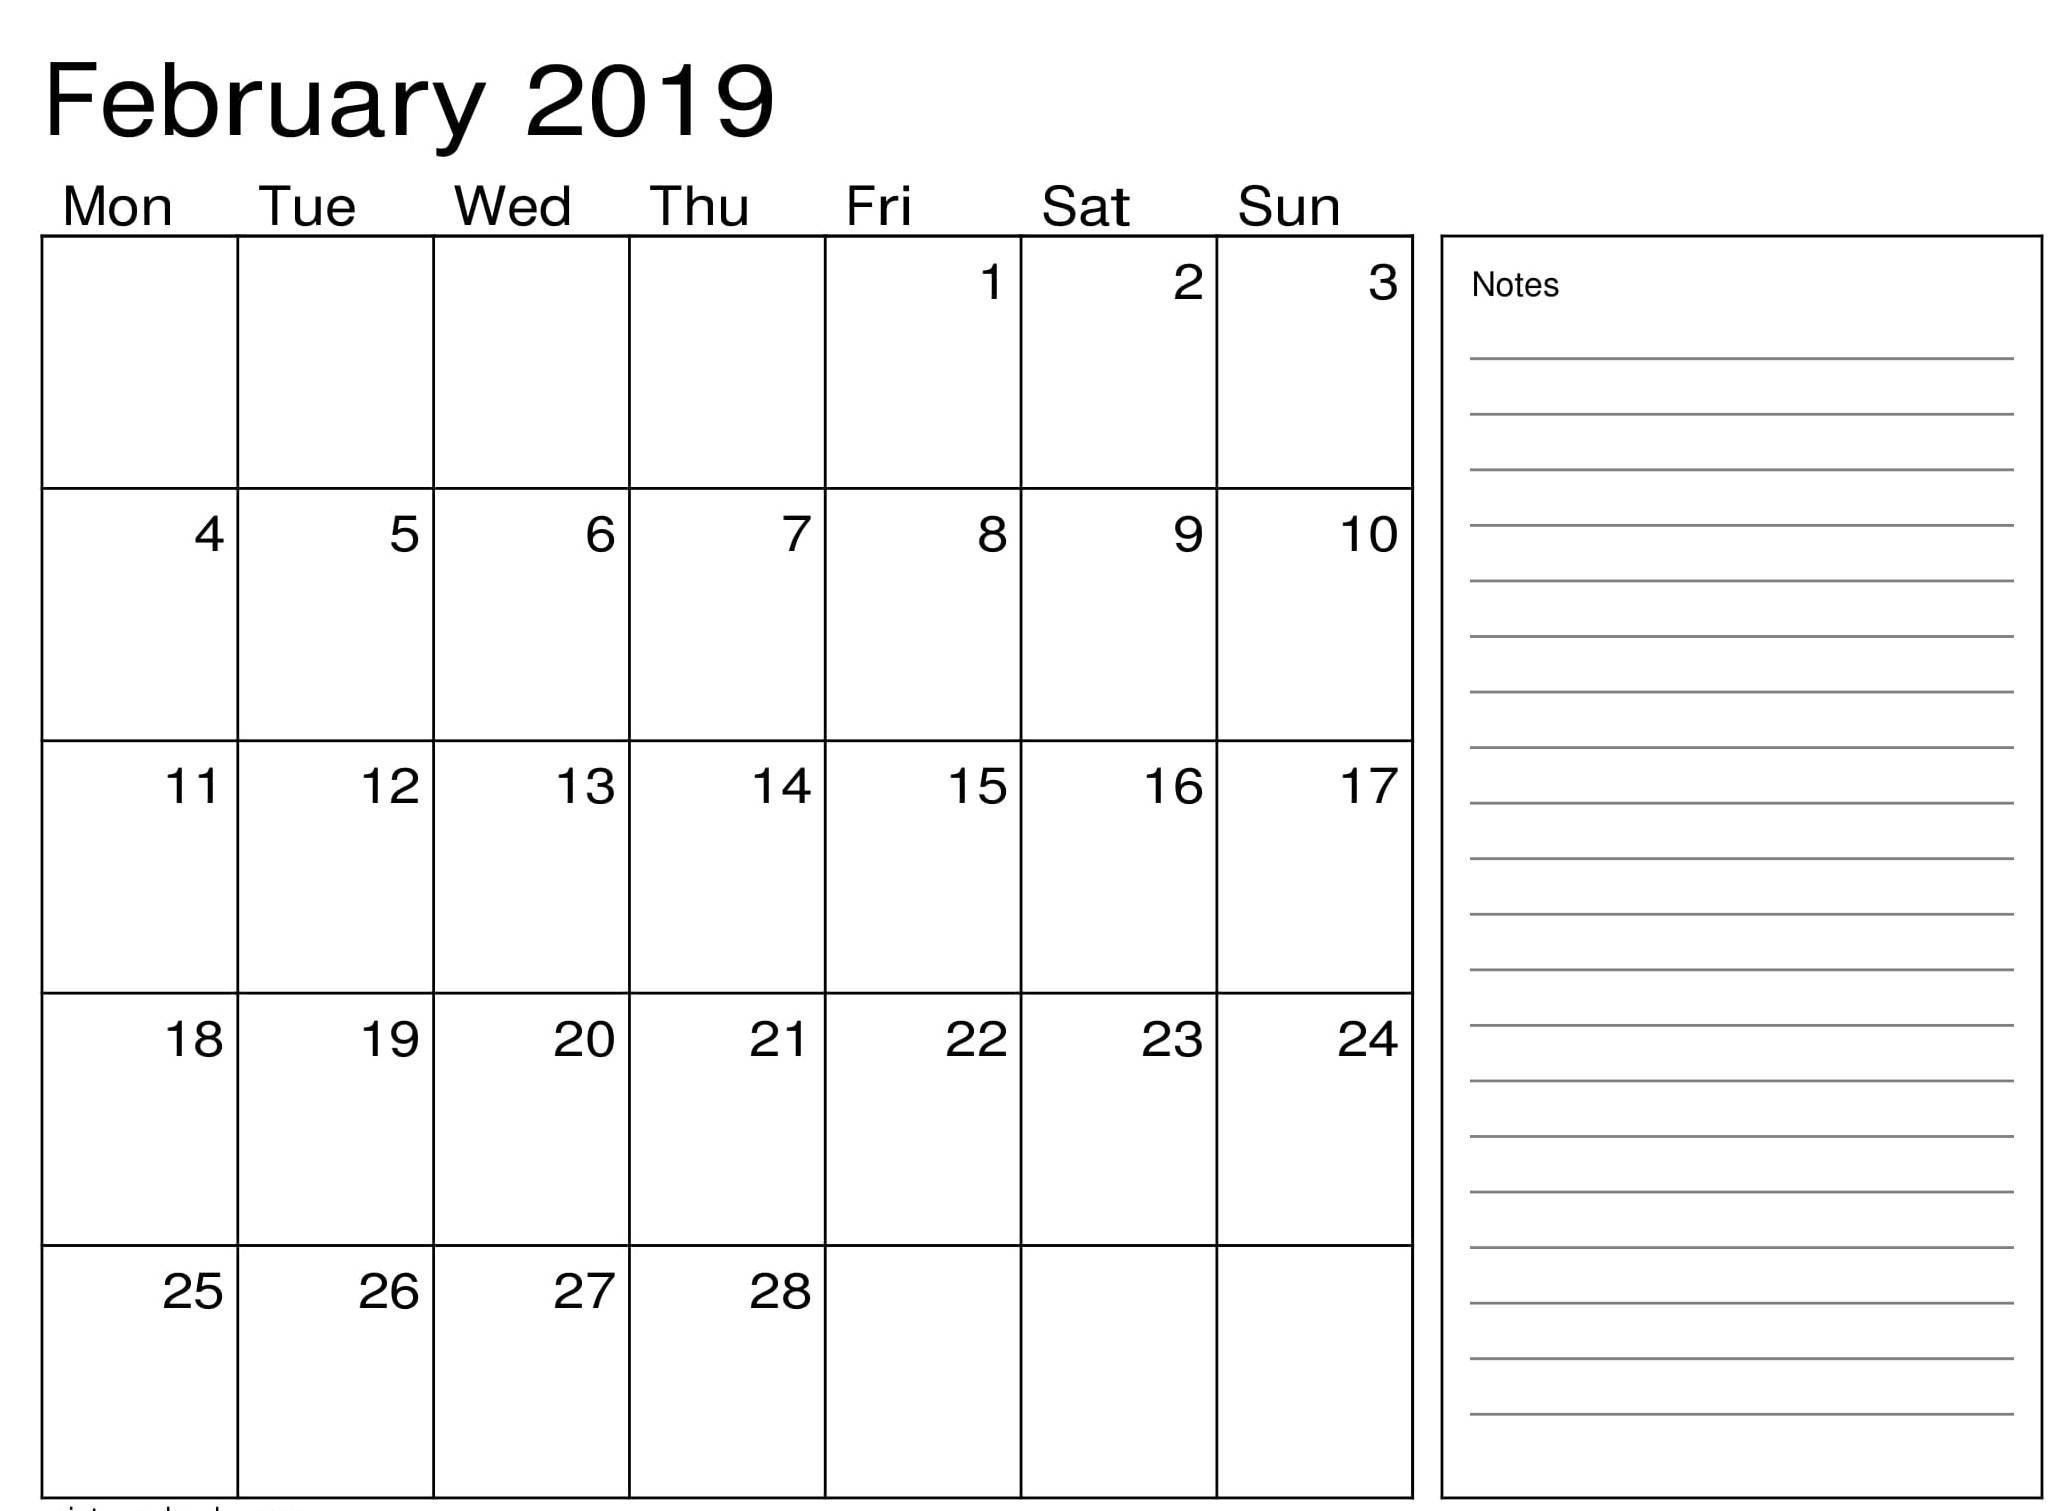 February 2019 Calendar Excel Notes